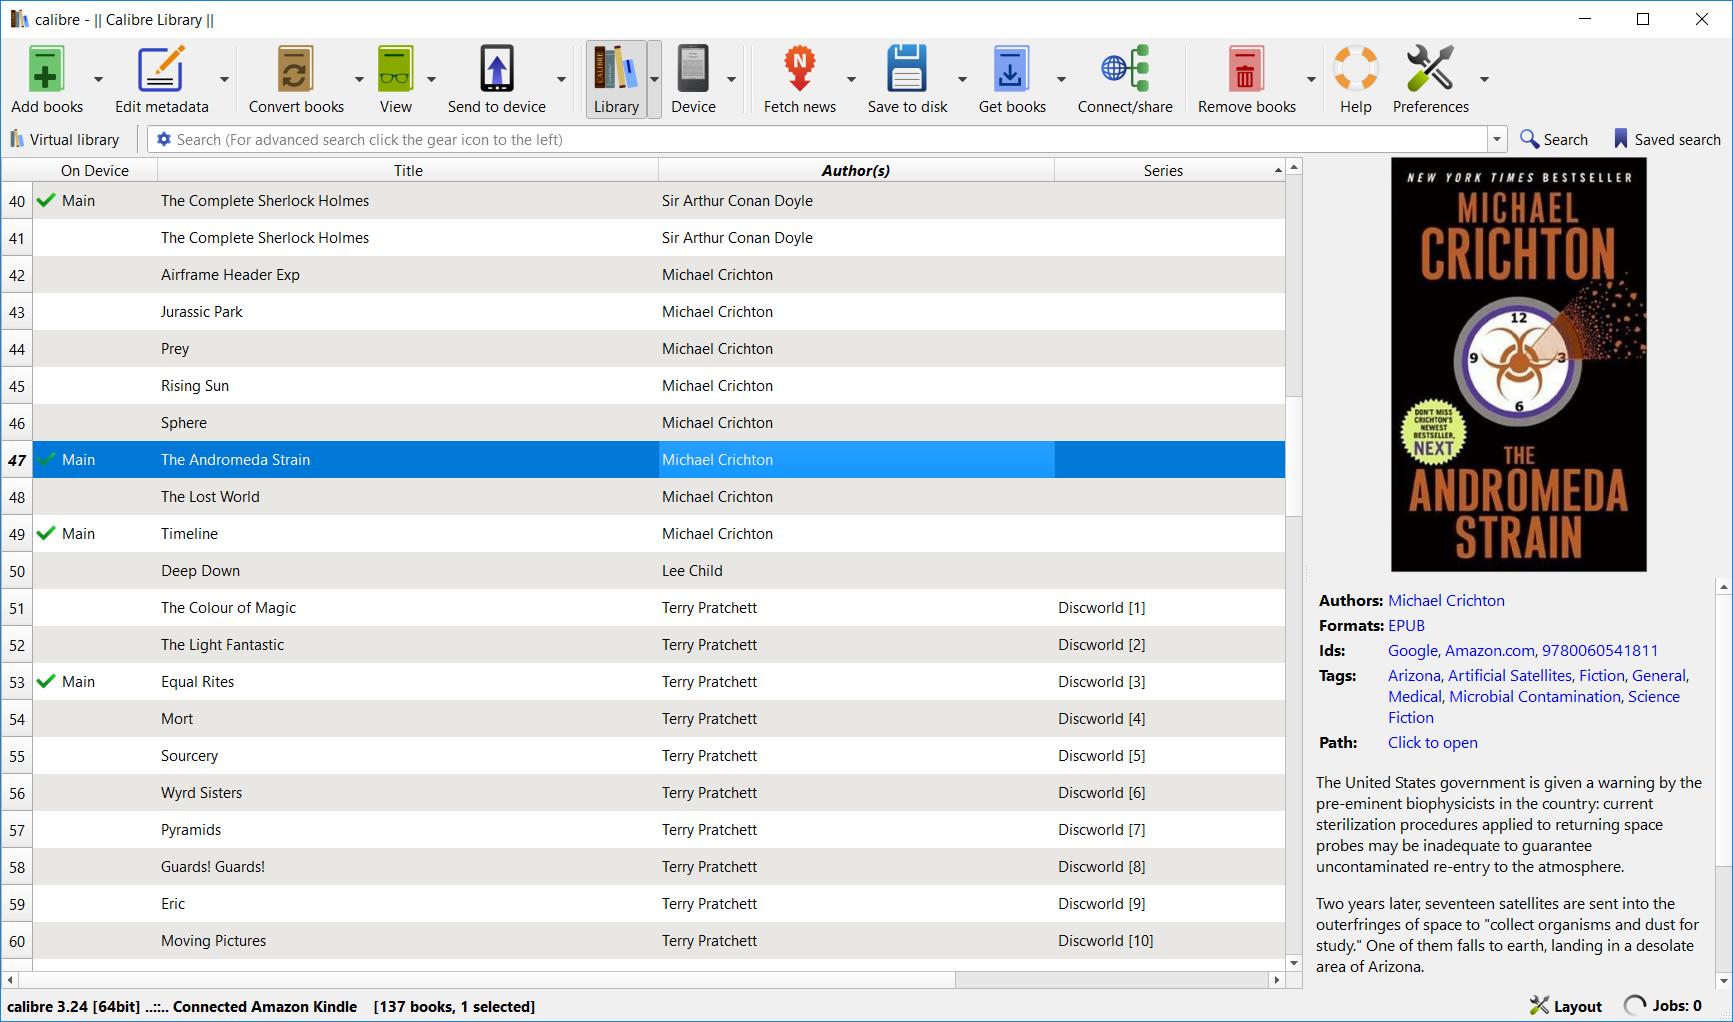 Calibre 3.24 screenshot (620pix)